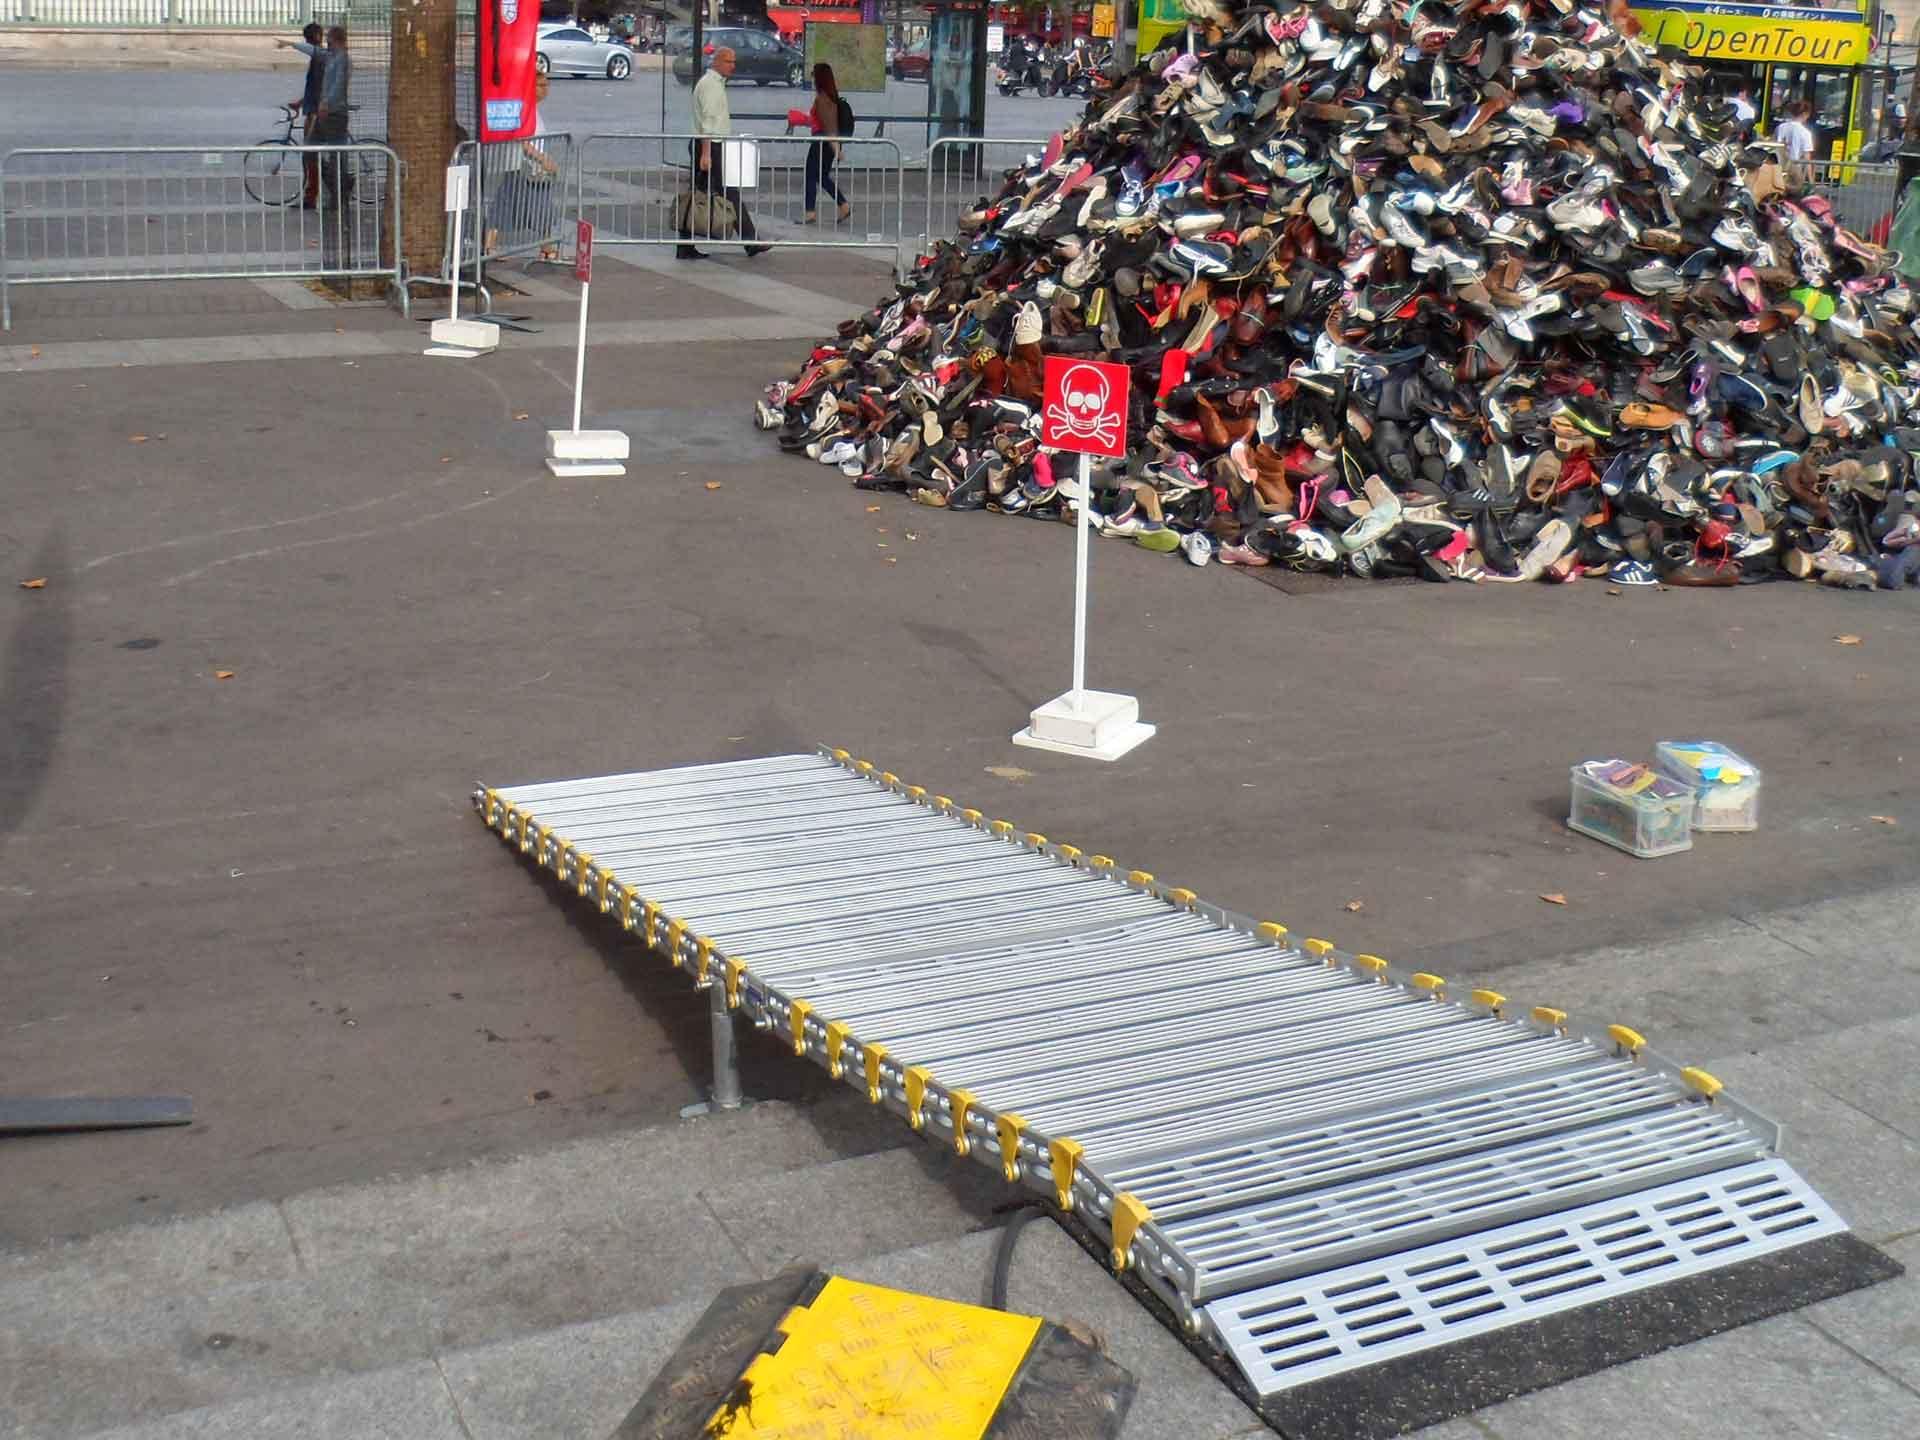 Louer- une rampe d'accès en aluminium pour fauteuil/scooter handicapé et pmr - évènement